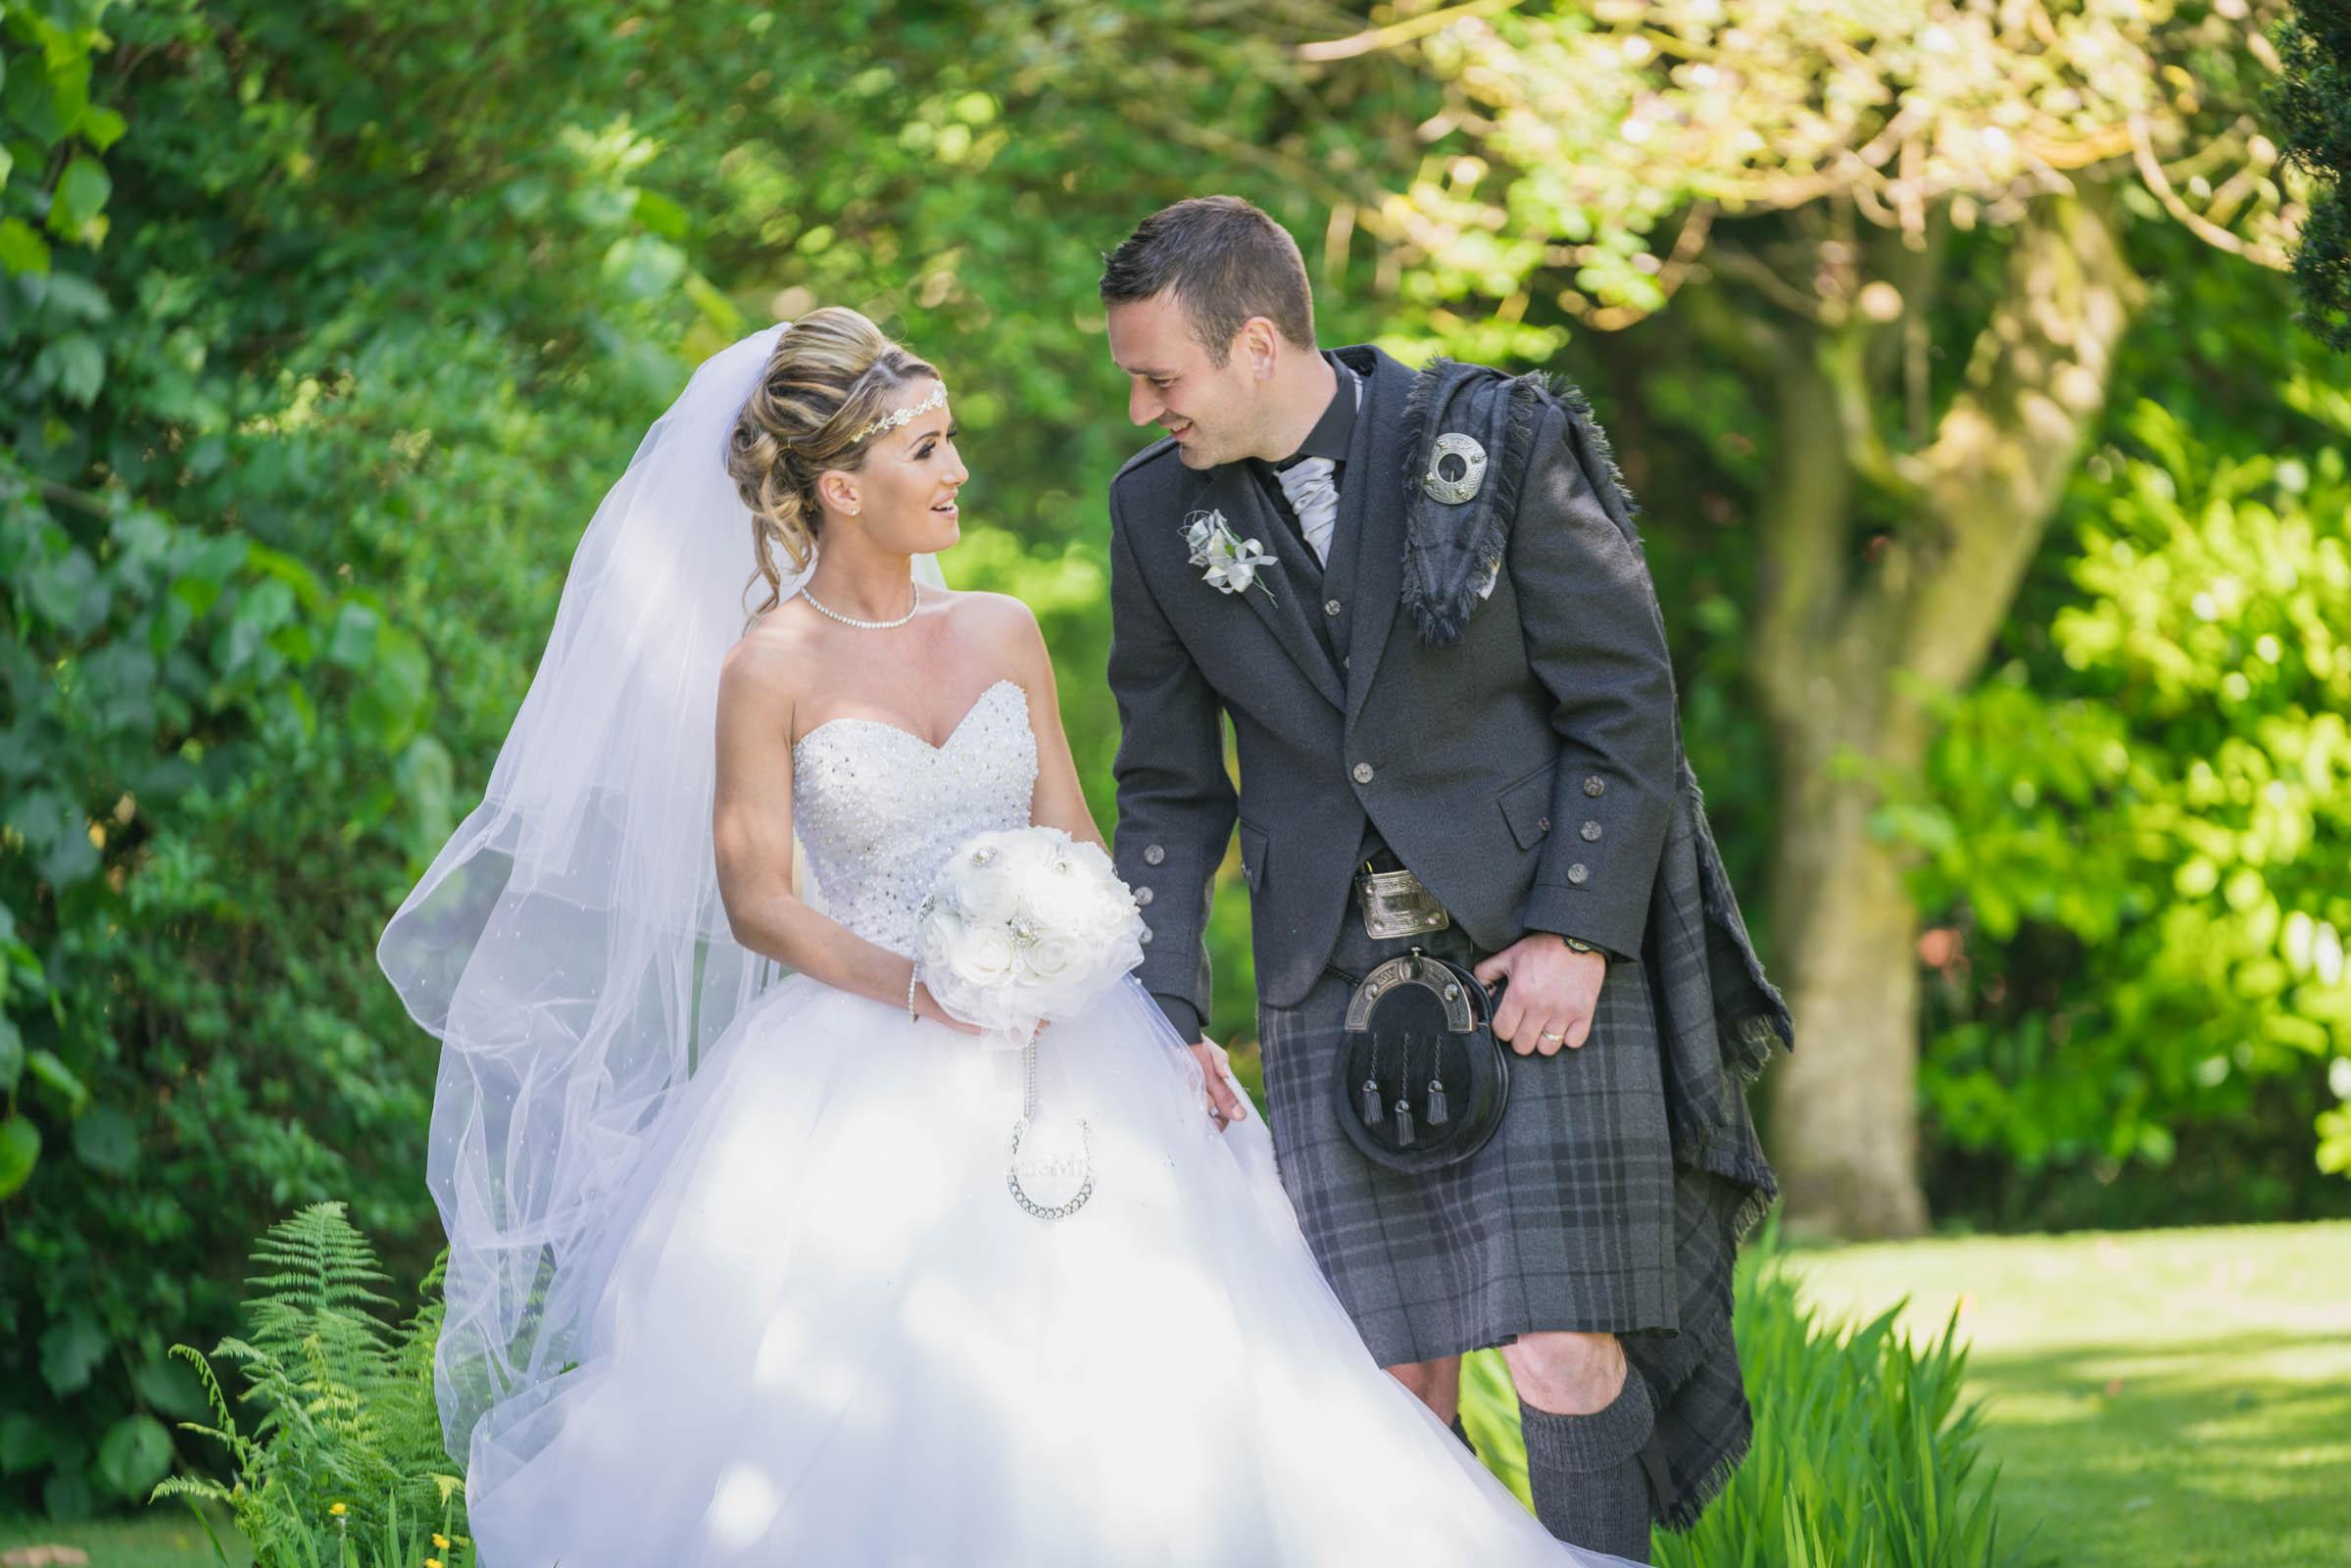 dalmeny-park-glasgow-wedding-dearlyphotography (11 of 16).jpg